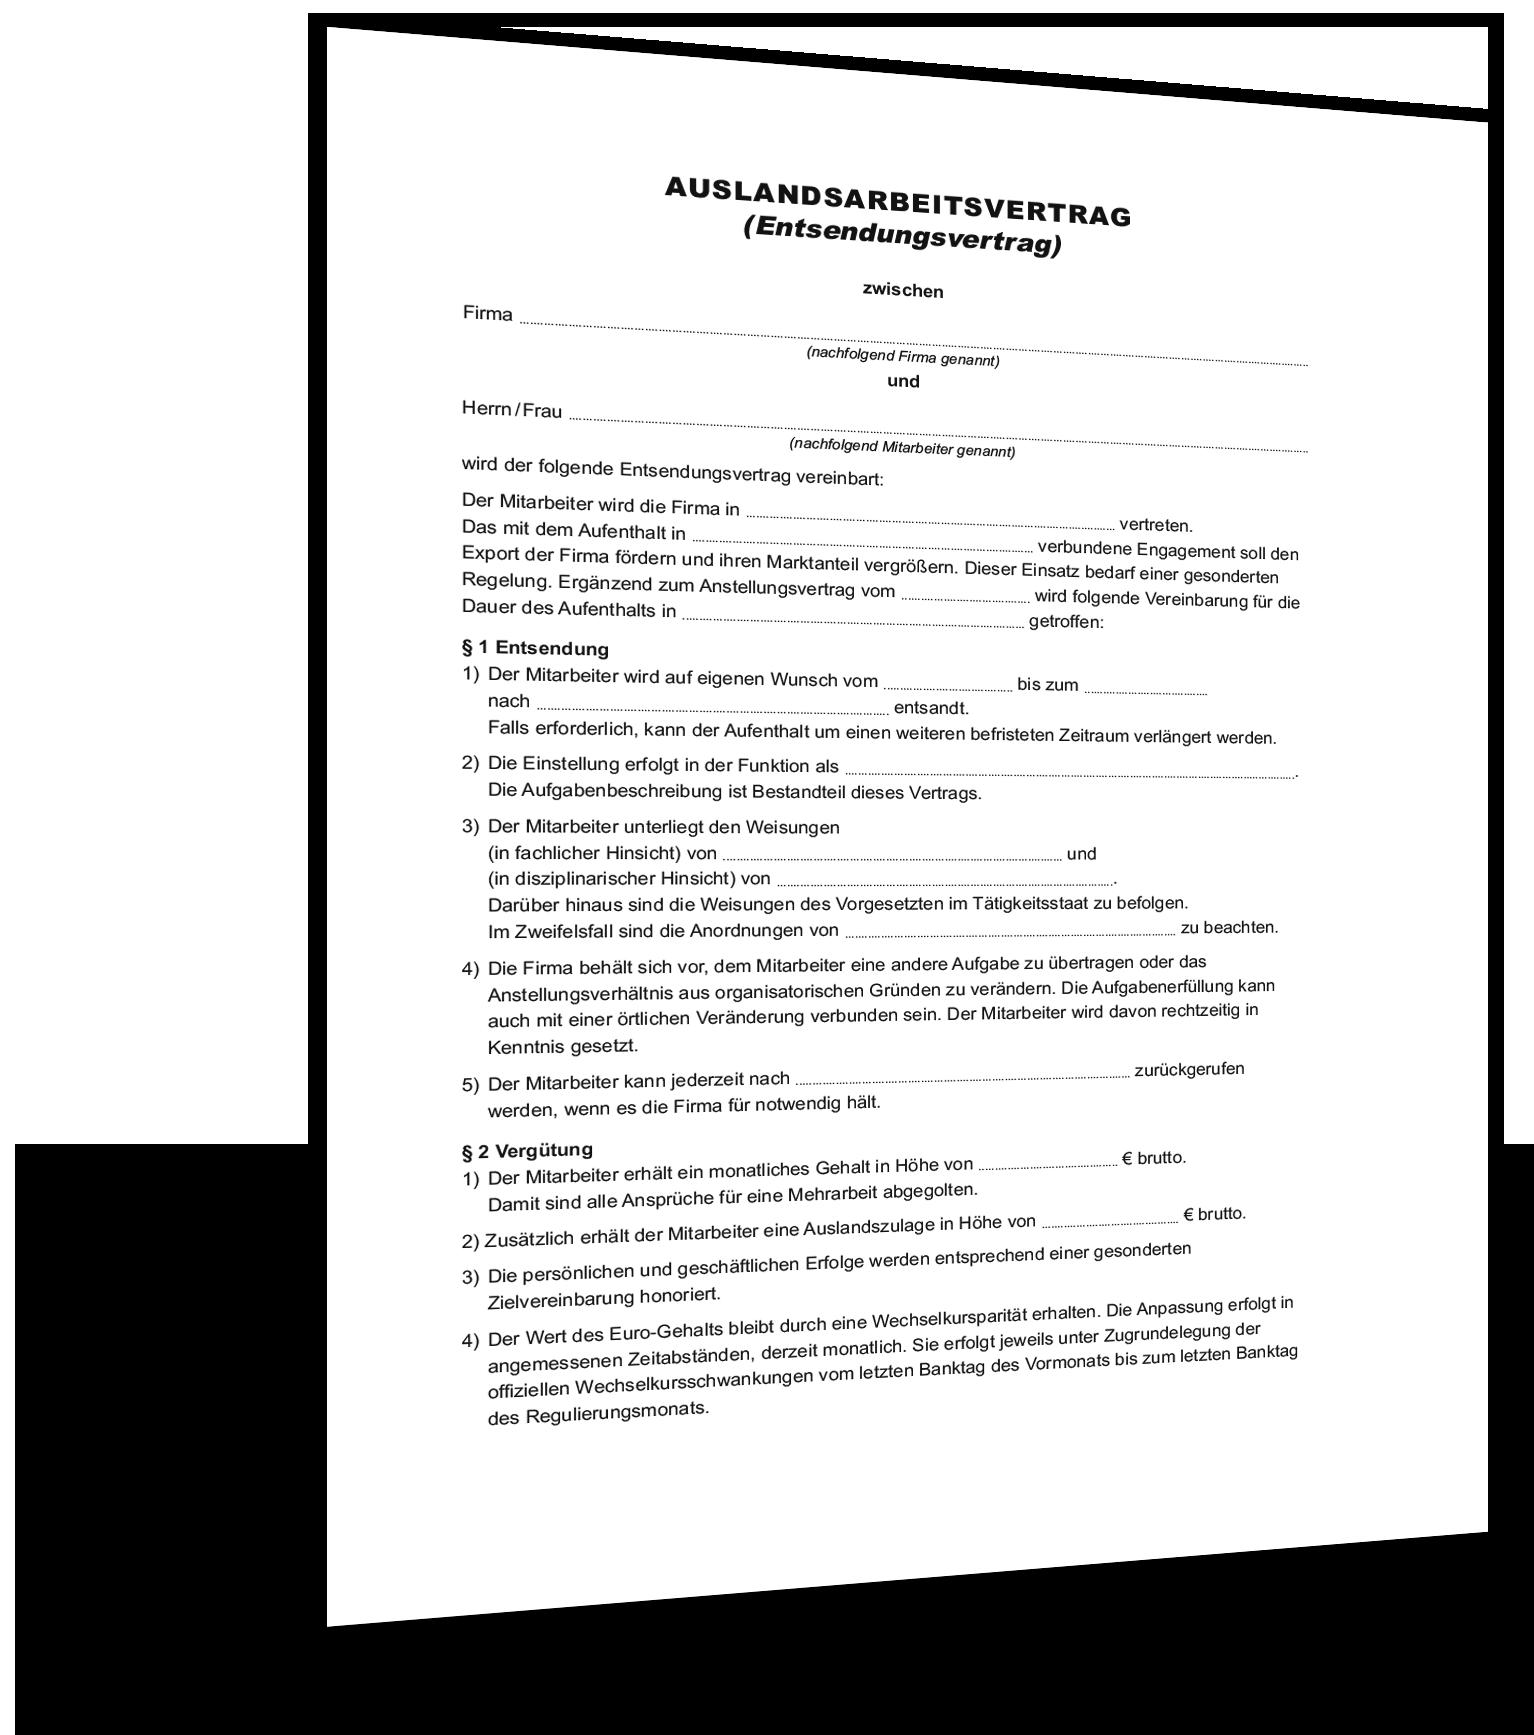 Muster Auslandsarbeitsvertrag Mitarbeiter (Entsendevertrag)